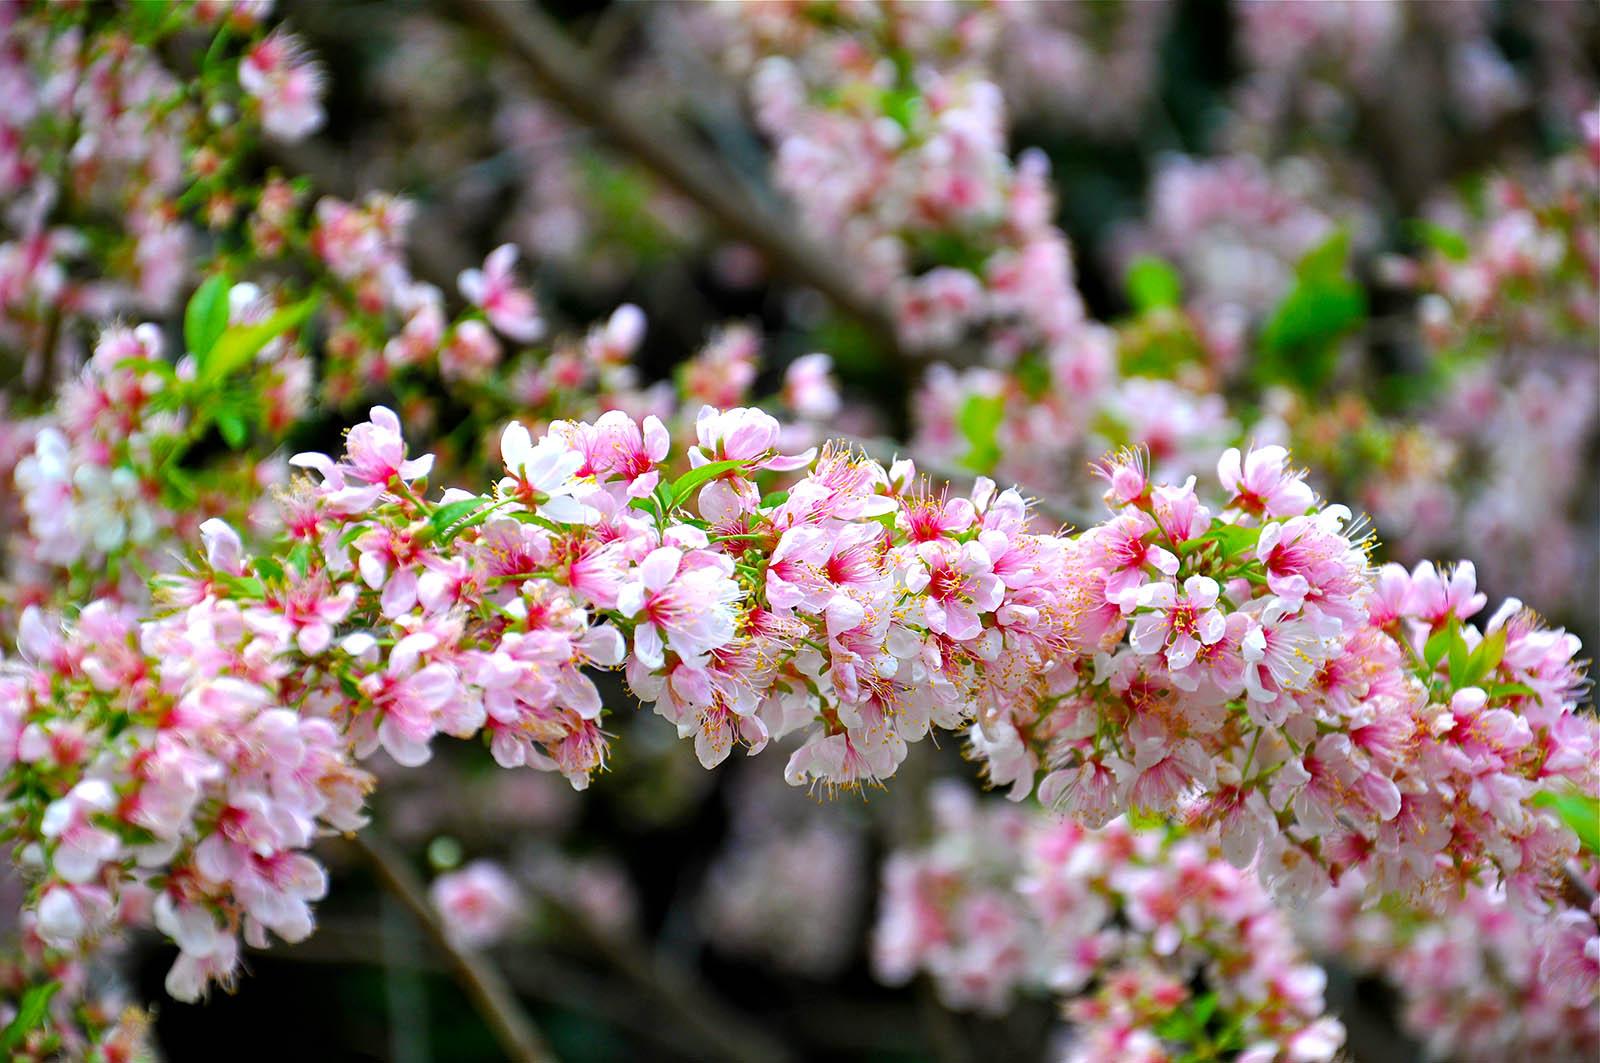 Prunus 'Elvins' branch in full flower, pink version